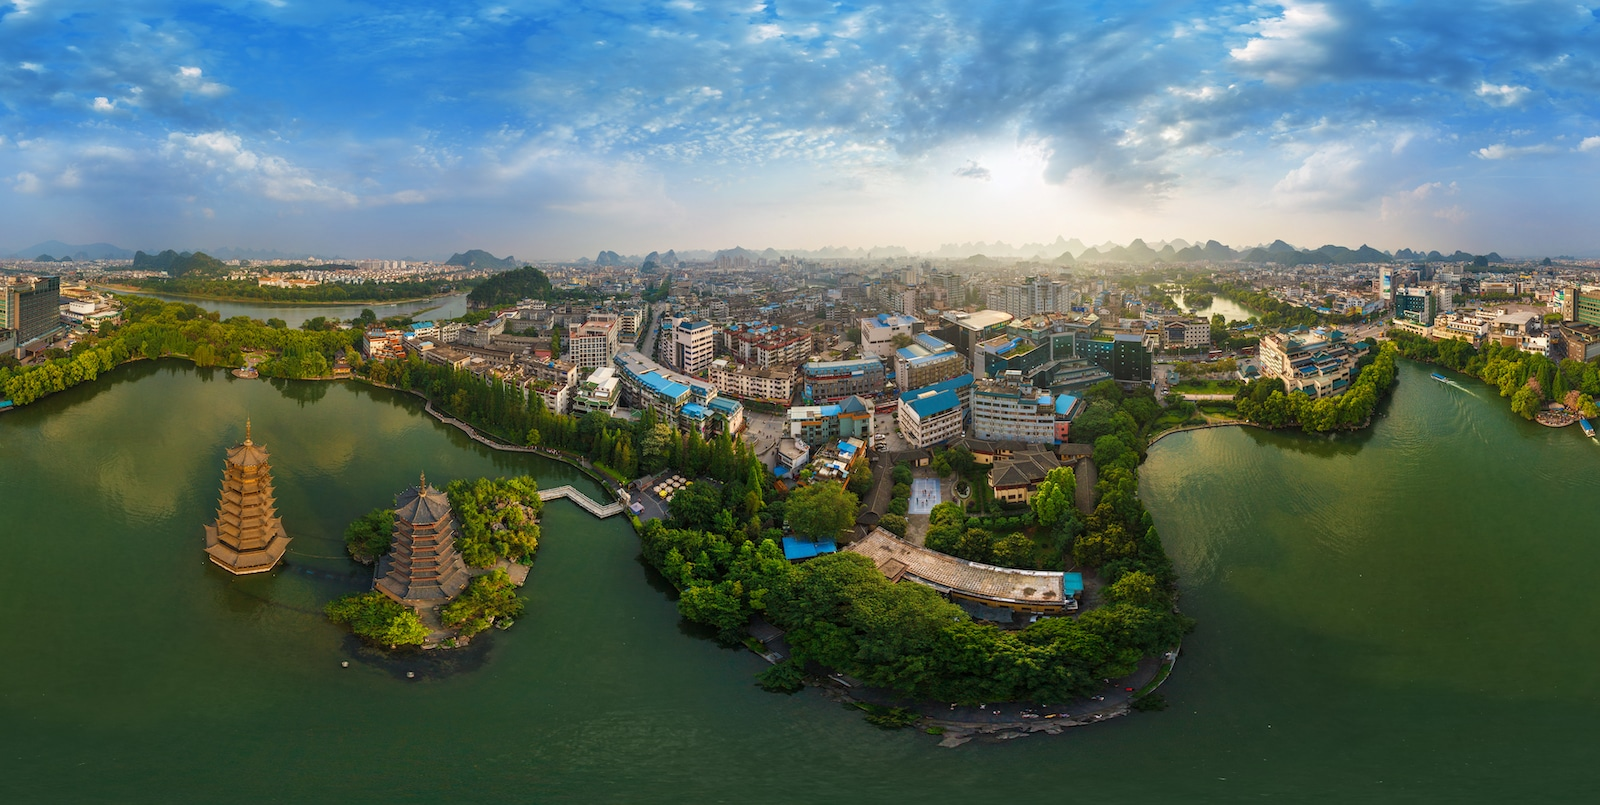 aerial shot of Guilin